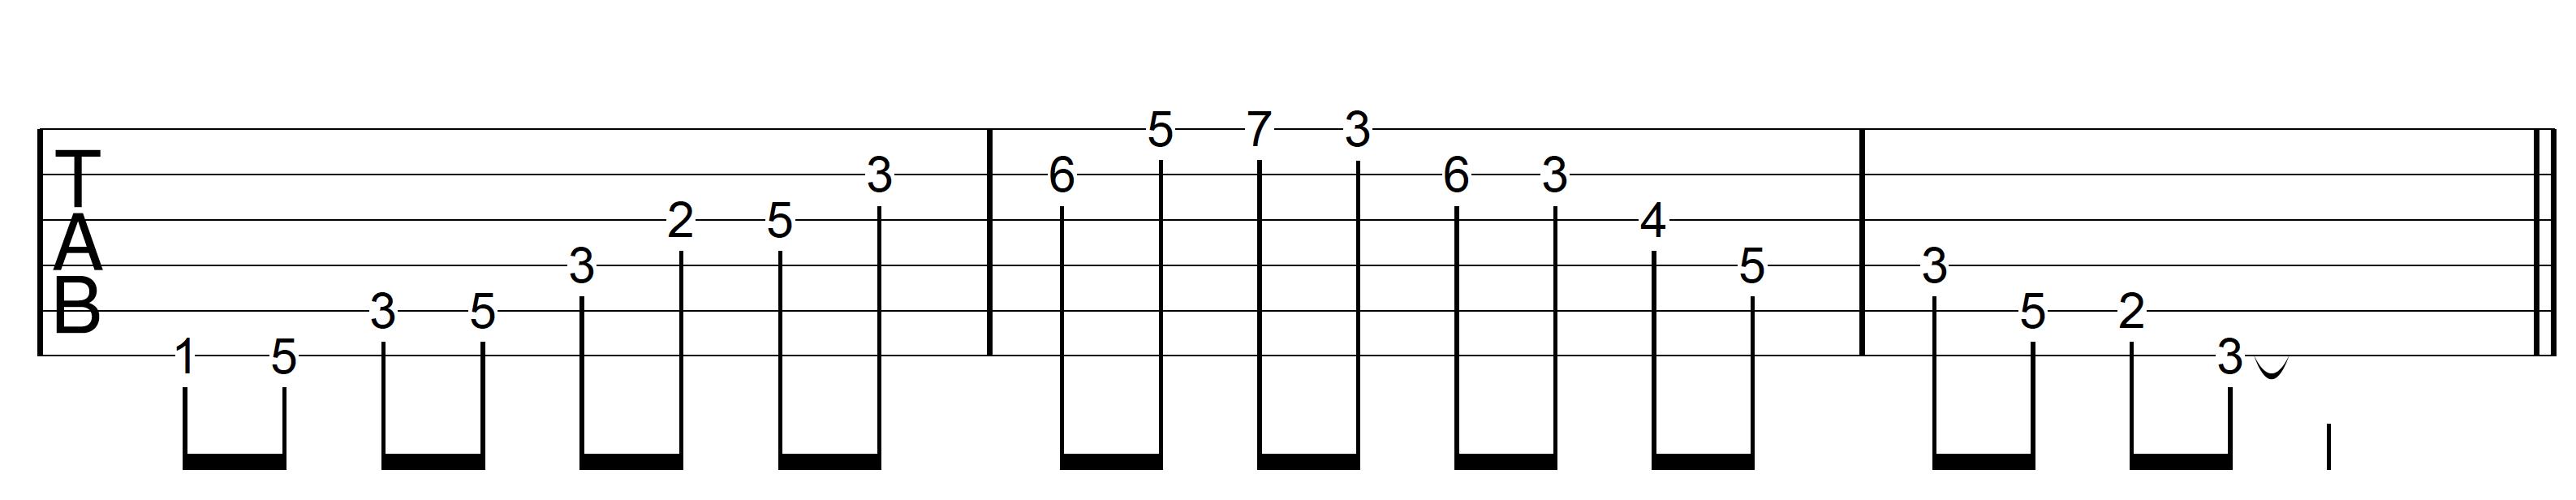 Guitar Arpeggio Dm7 Asc G7 Desc